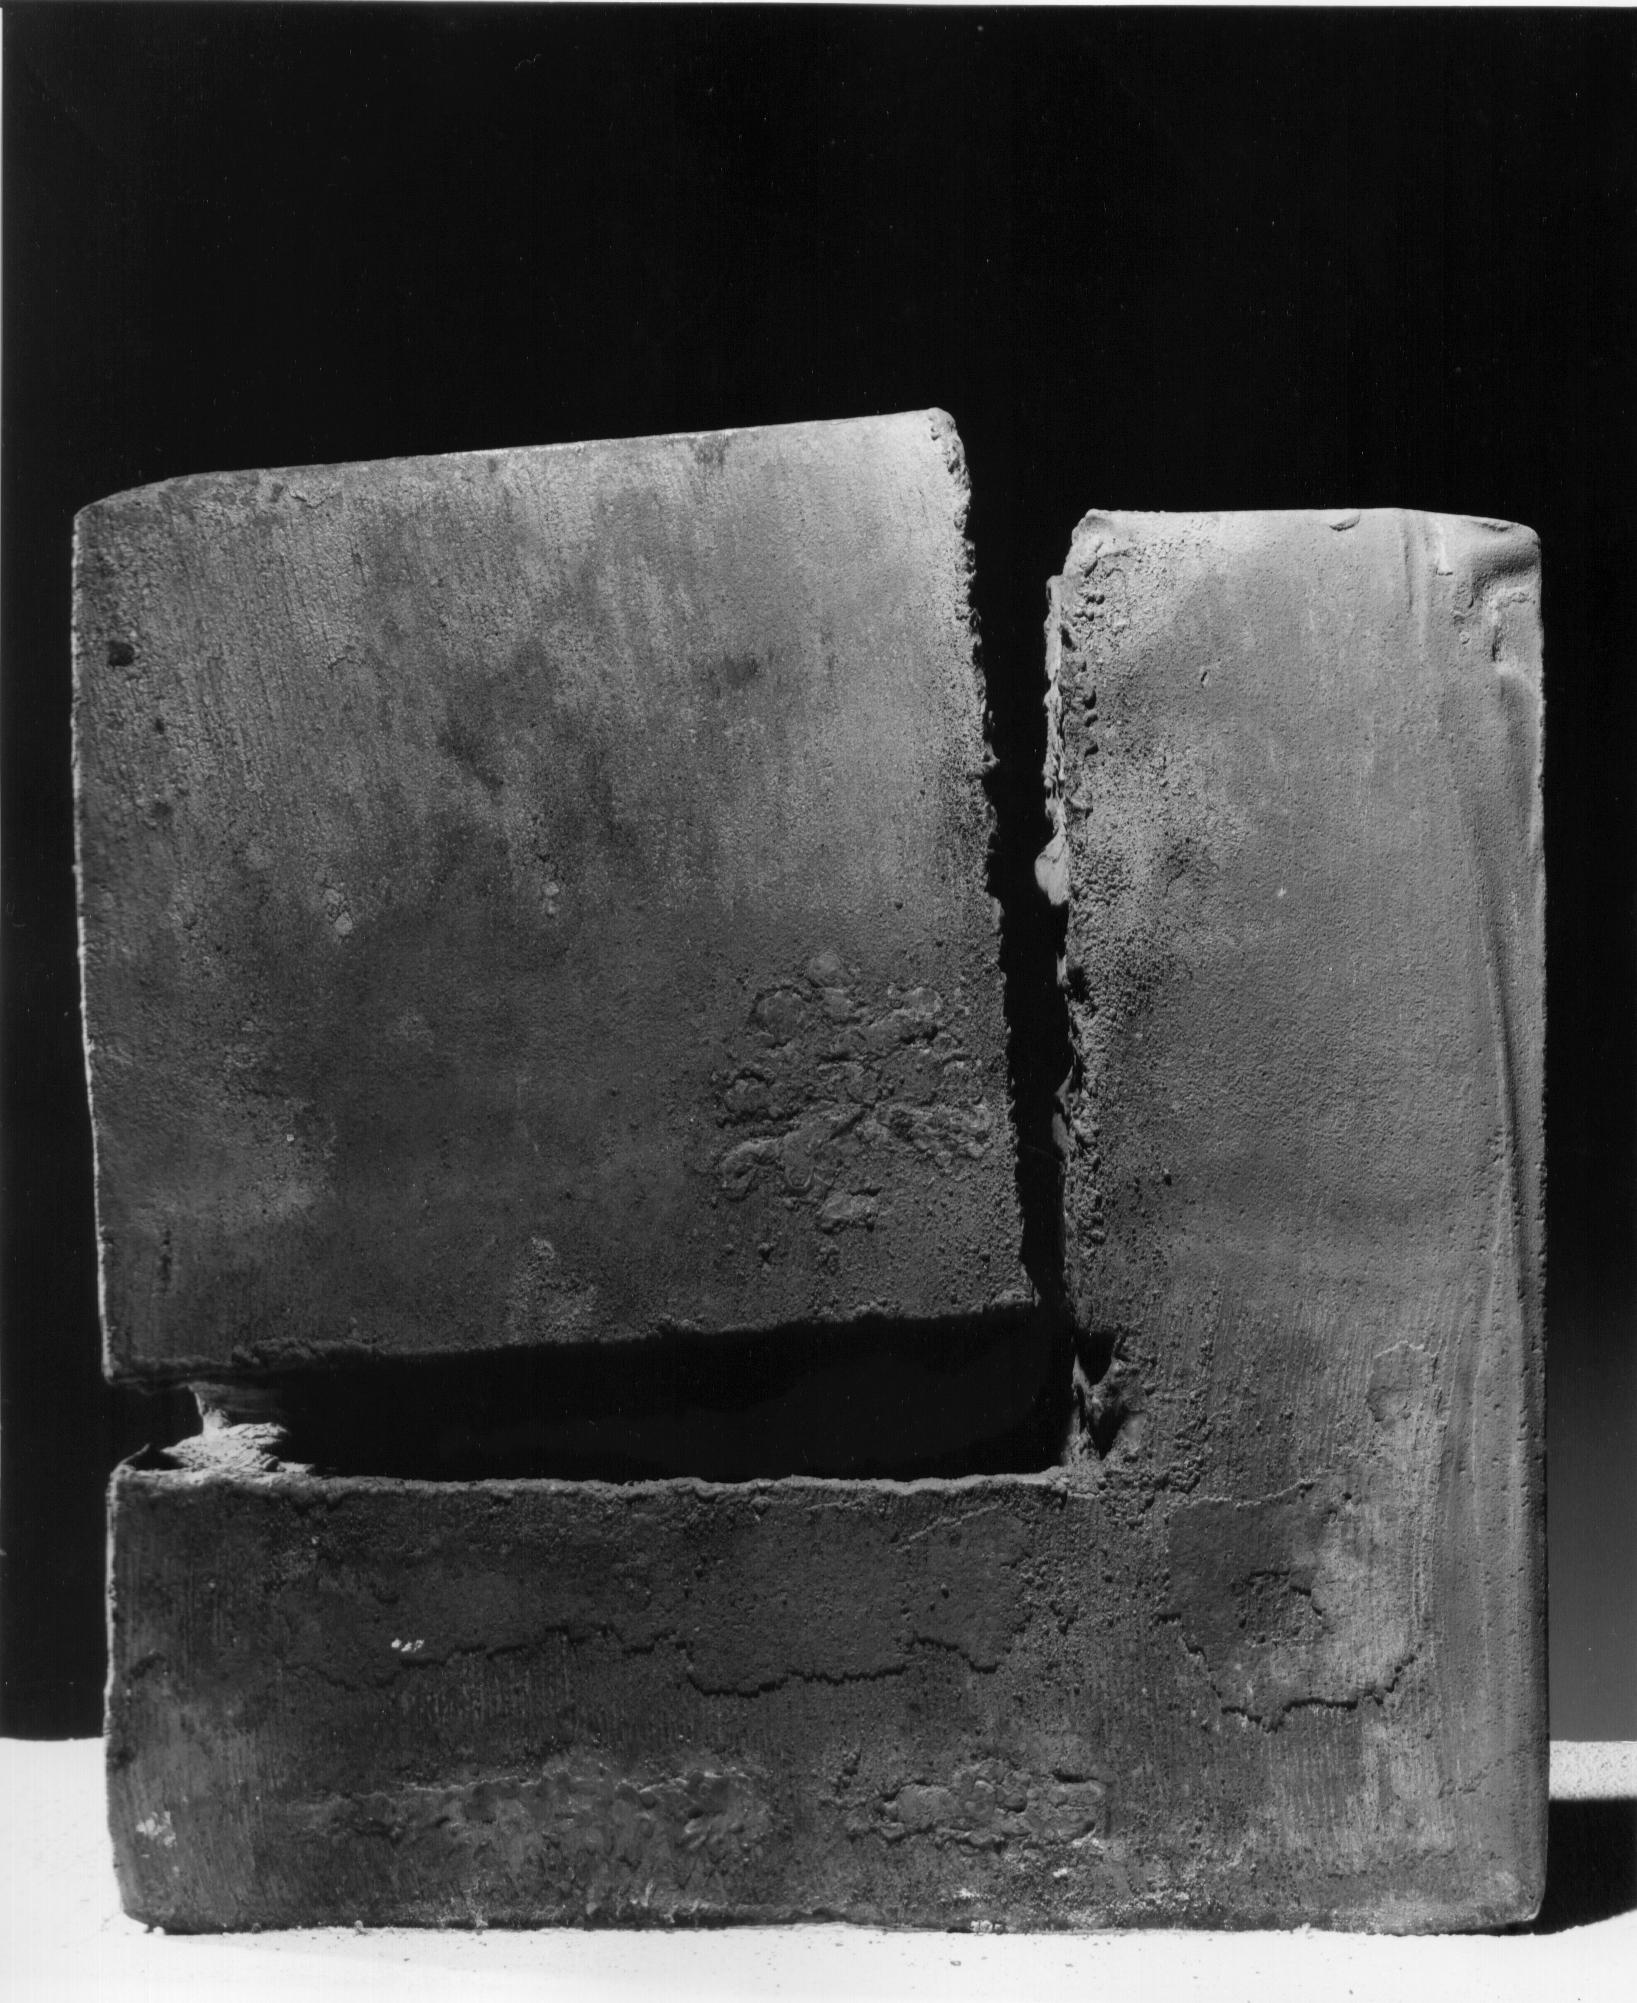 Giuseppe Spagnulo, Cuboincubo, 1992 acciaio forgiato